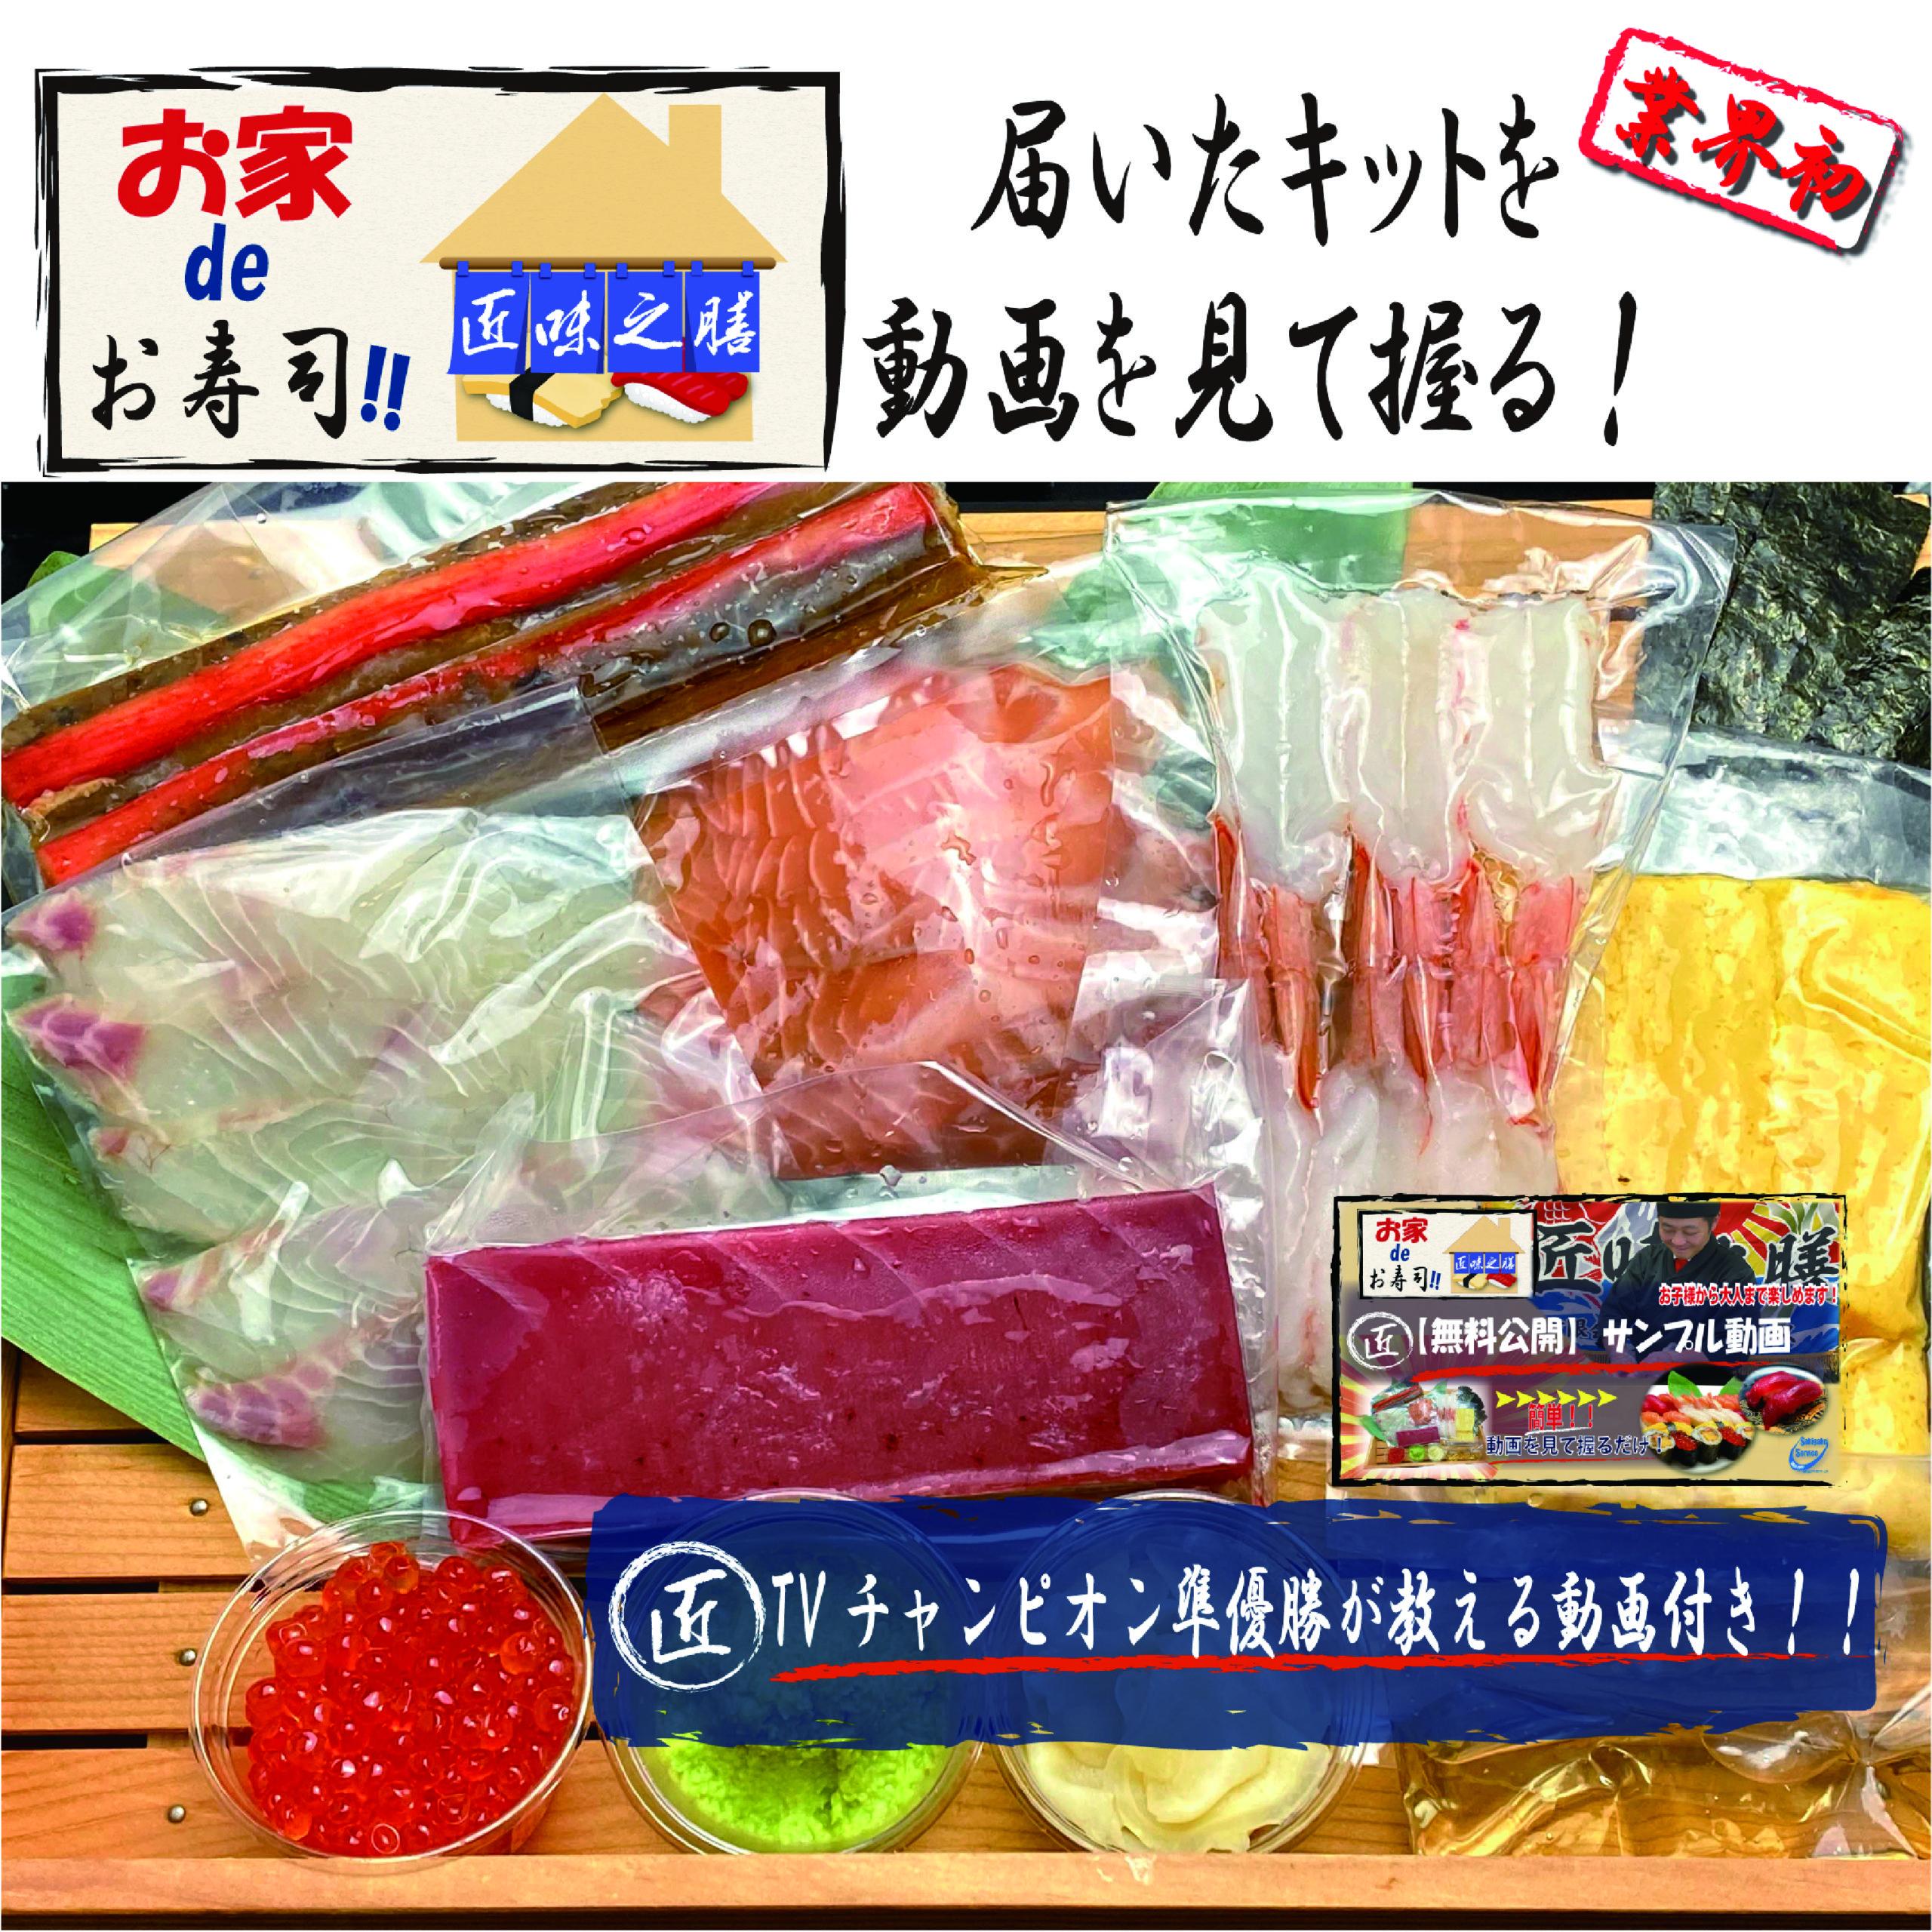 美味しく楽しく握ろう 川口市・サキガケサービスがお家deお寿司販売中